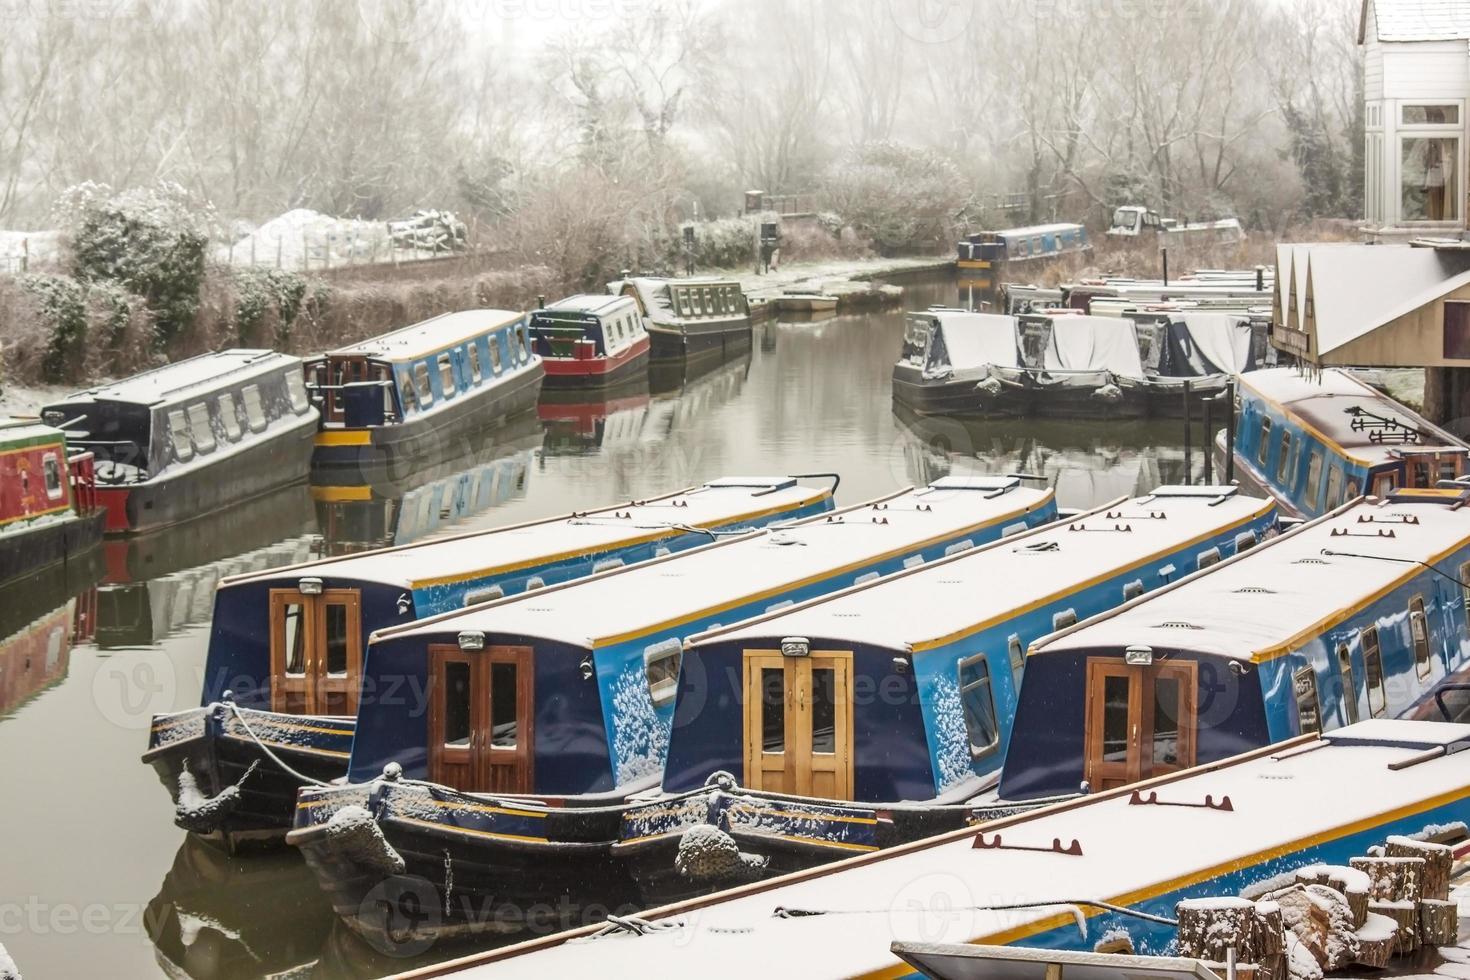 los barcos del canal parecen apiñarse en la nieve foto